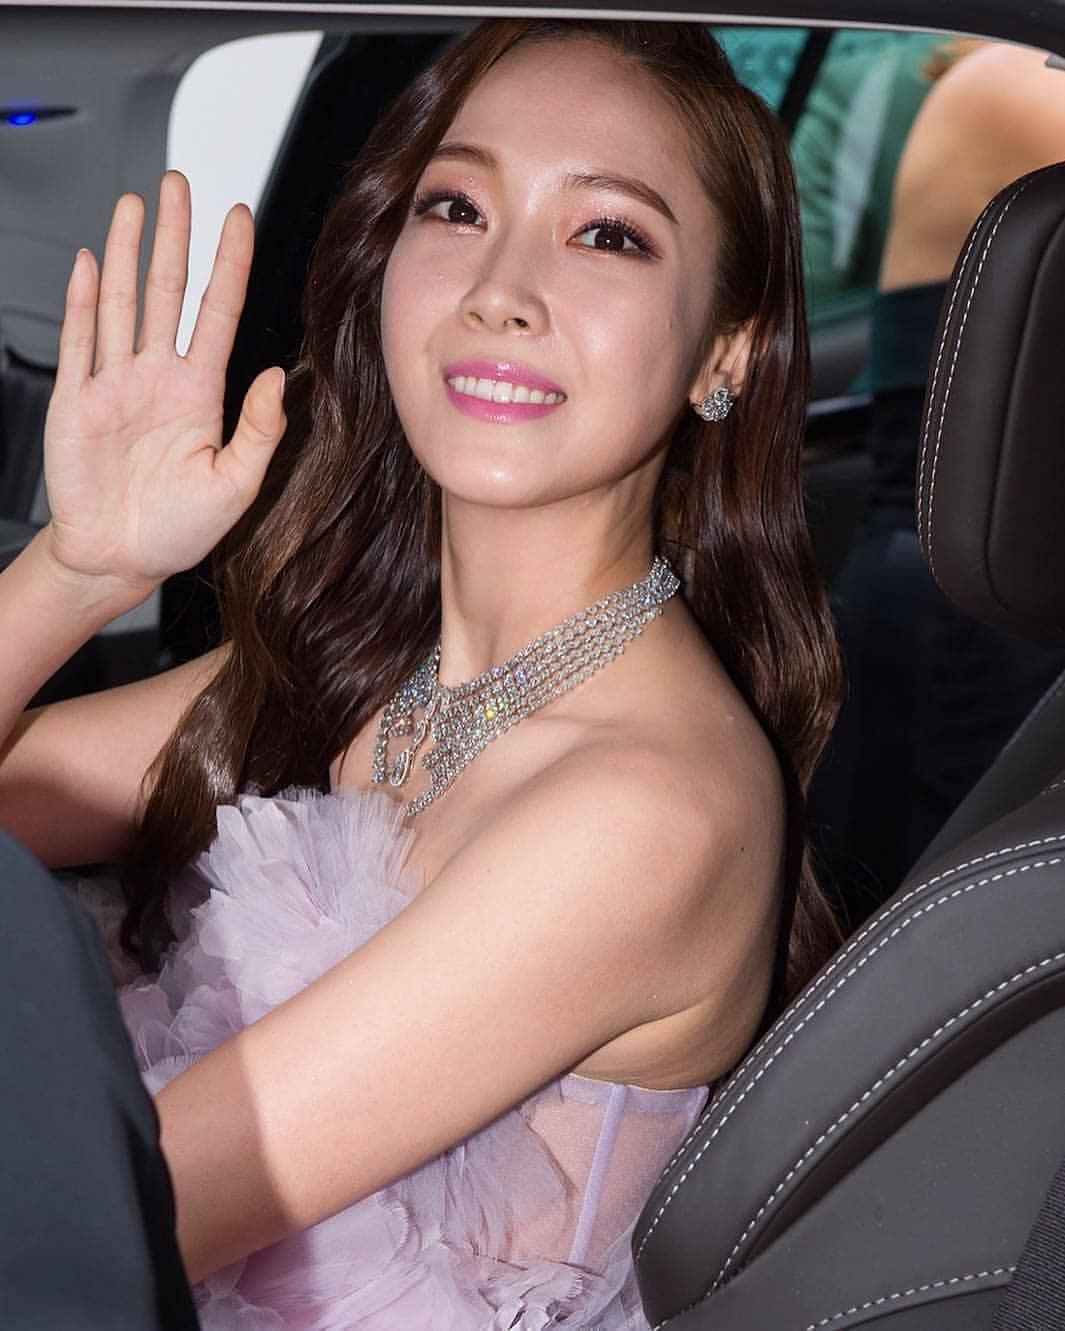 Những lần bóc mẽ nhan sắc gây sốc của các nam thần, nữ thần xứ Hàn: Vấn đề chủ yếu ở làn da và phần cằm - Ảnh 24.